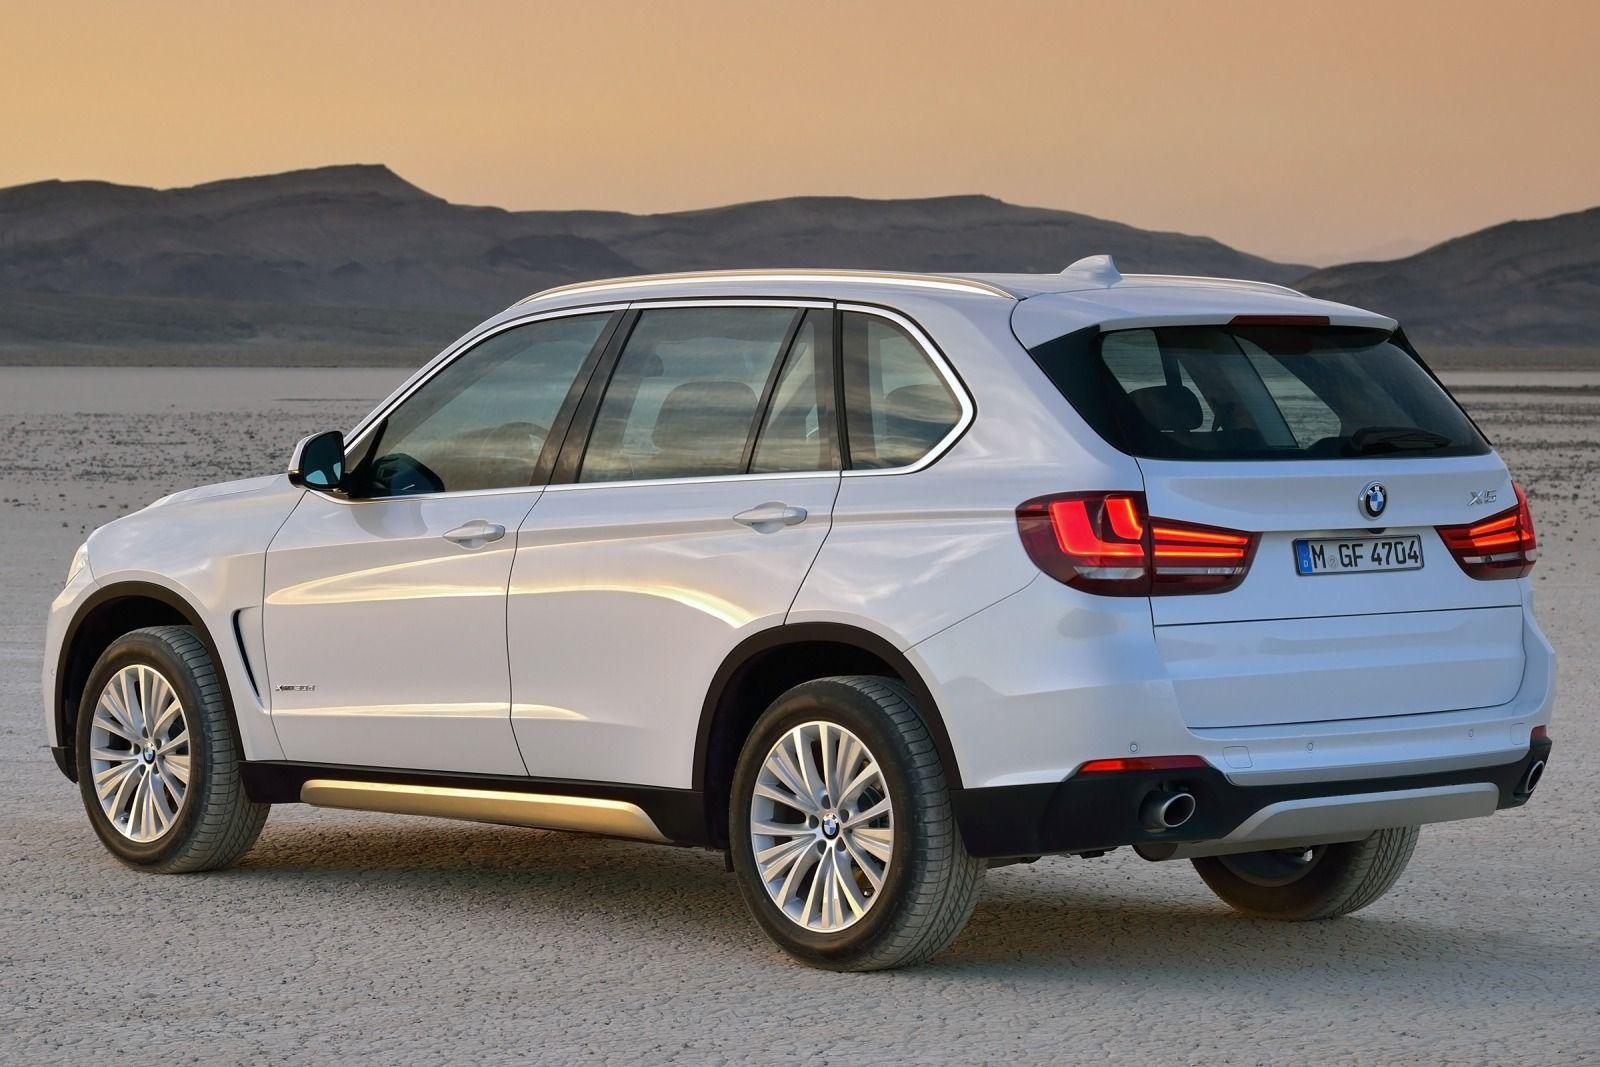 So sánh BMW X5 với đối thủ, mẫu xe này nổi bật hơn với 3 chế độ lái